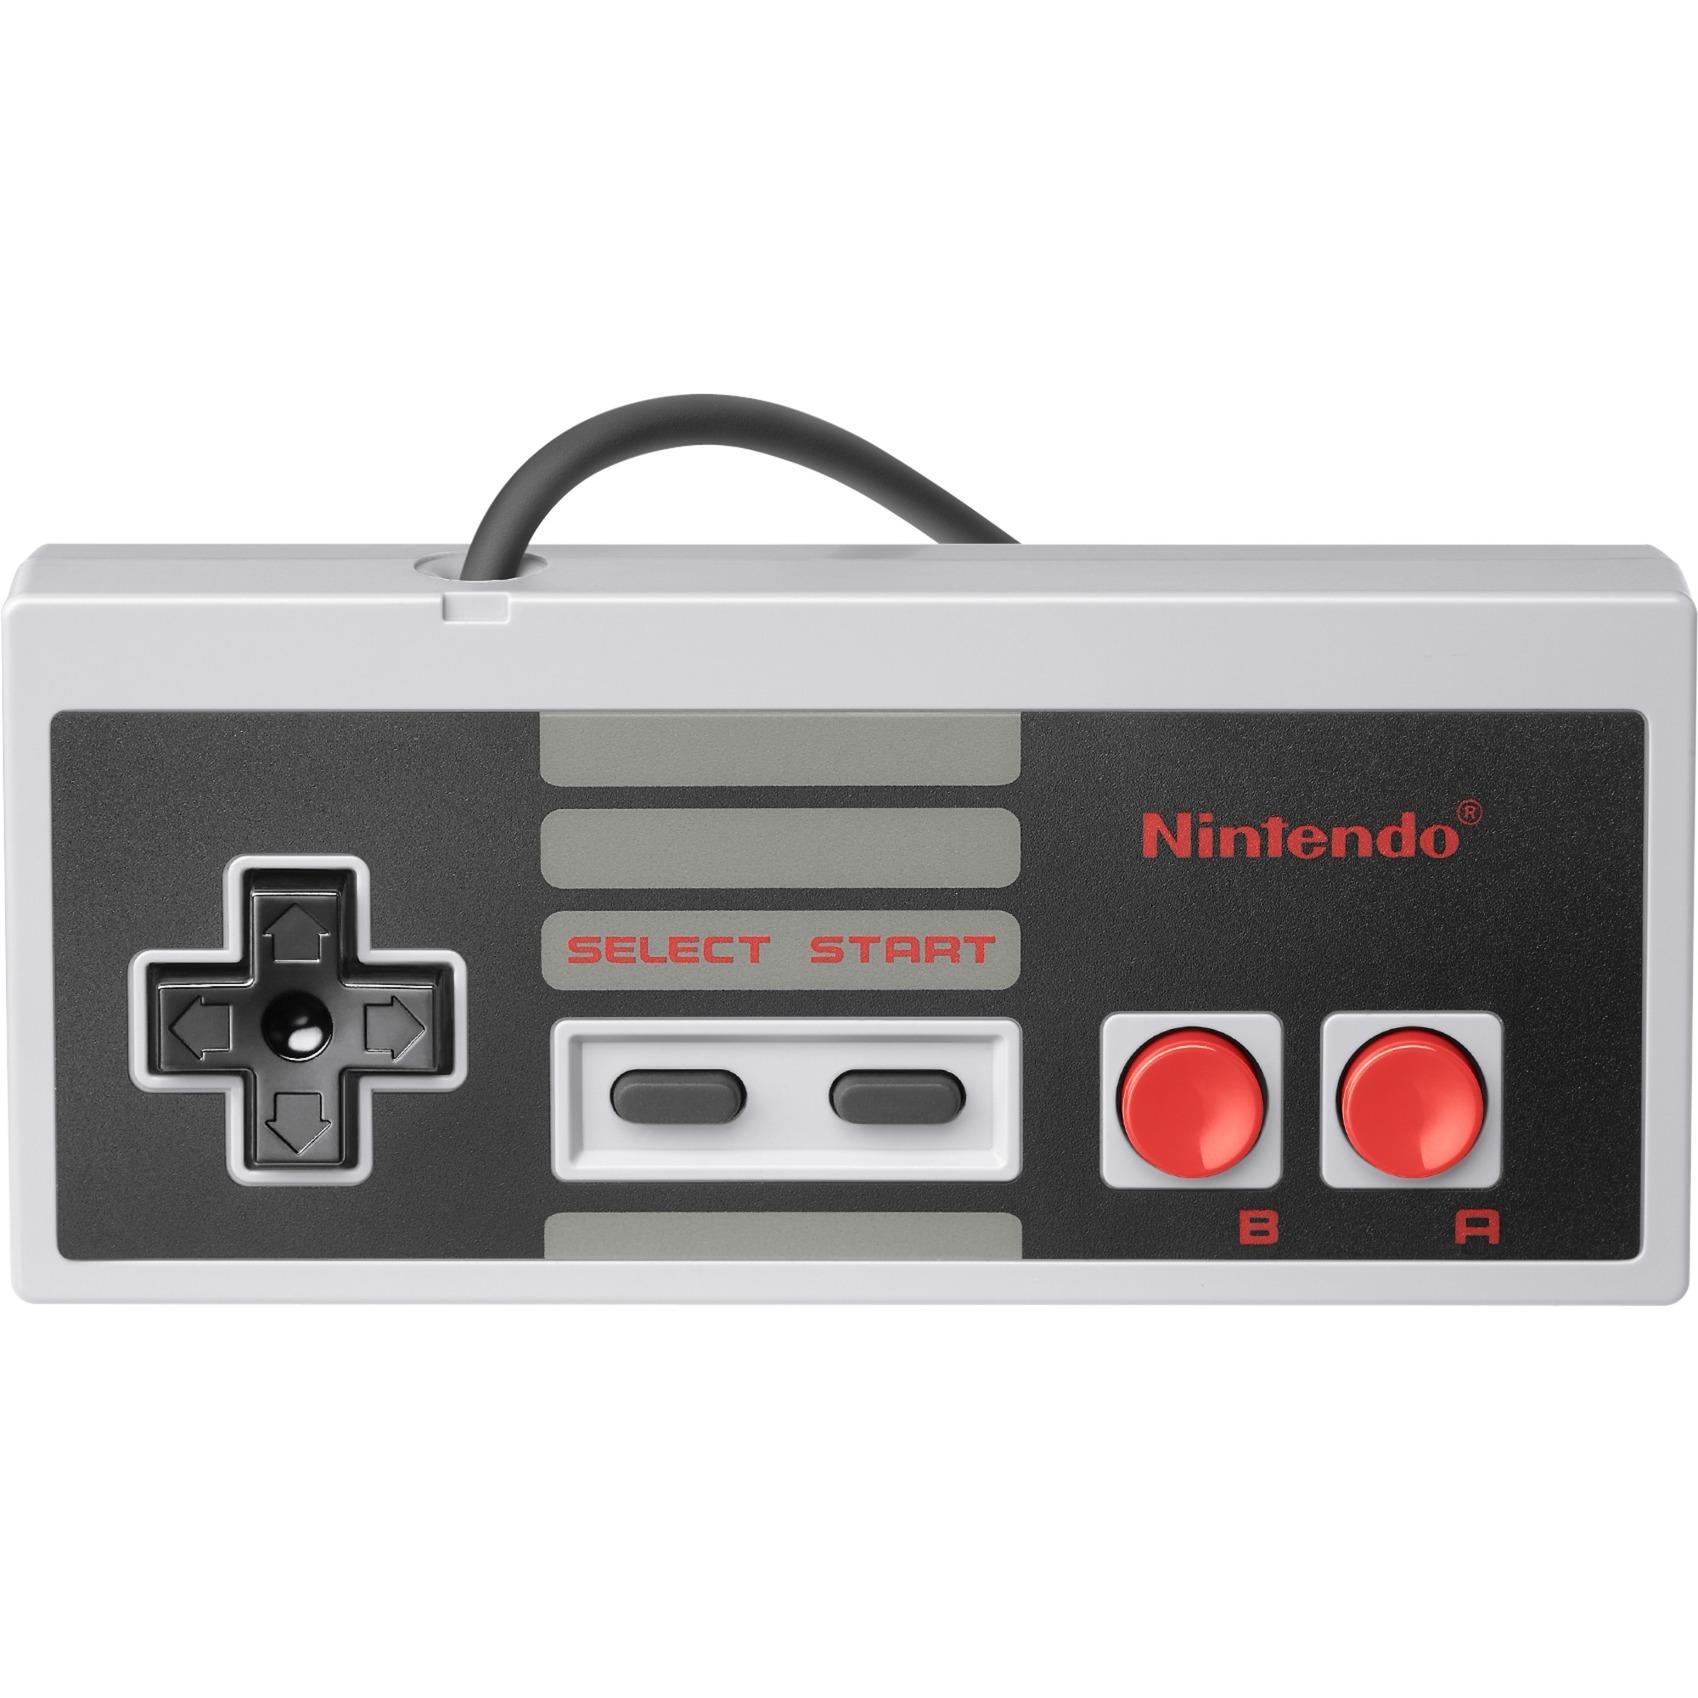 2410066 Gamepad Nintendo Wii U,Wii Negro, Gris mando y volante